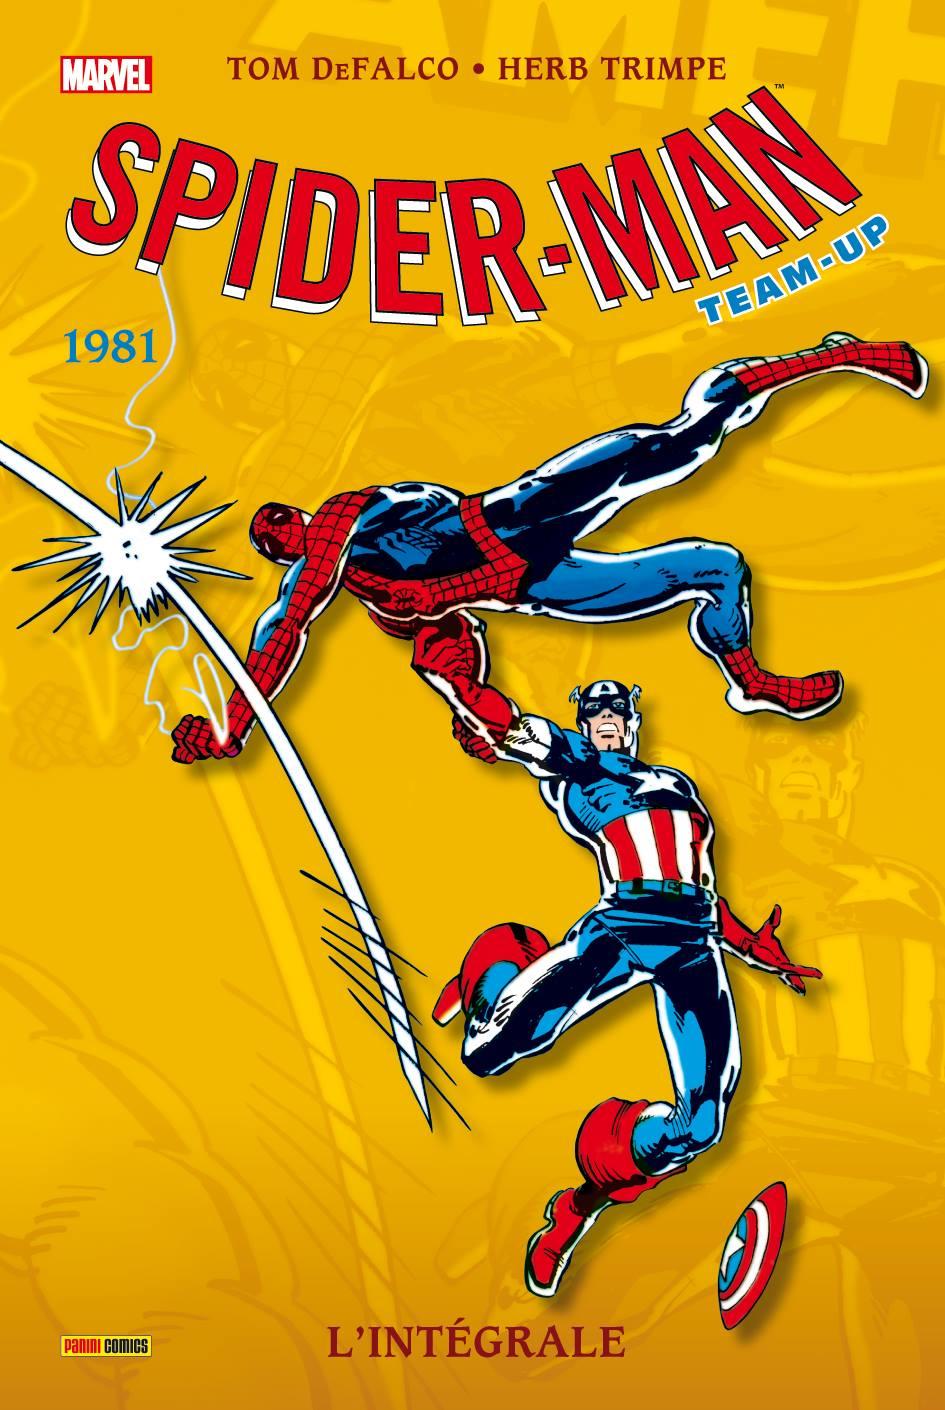 SPIDER-MAN TEAM-UP : L'INTEGRALE 1981